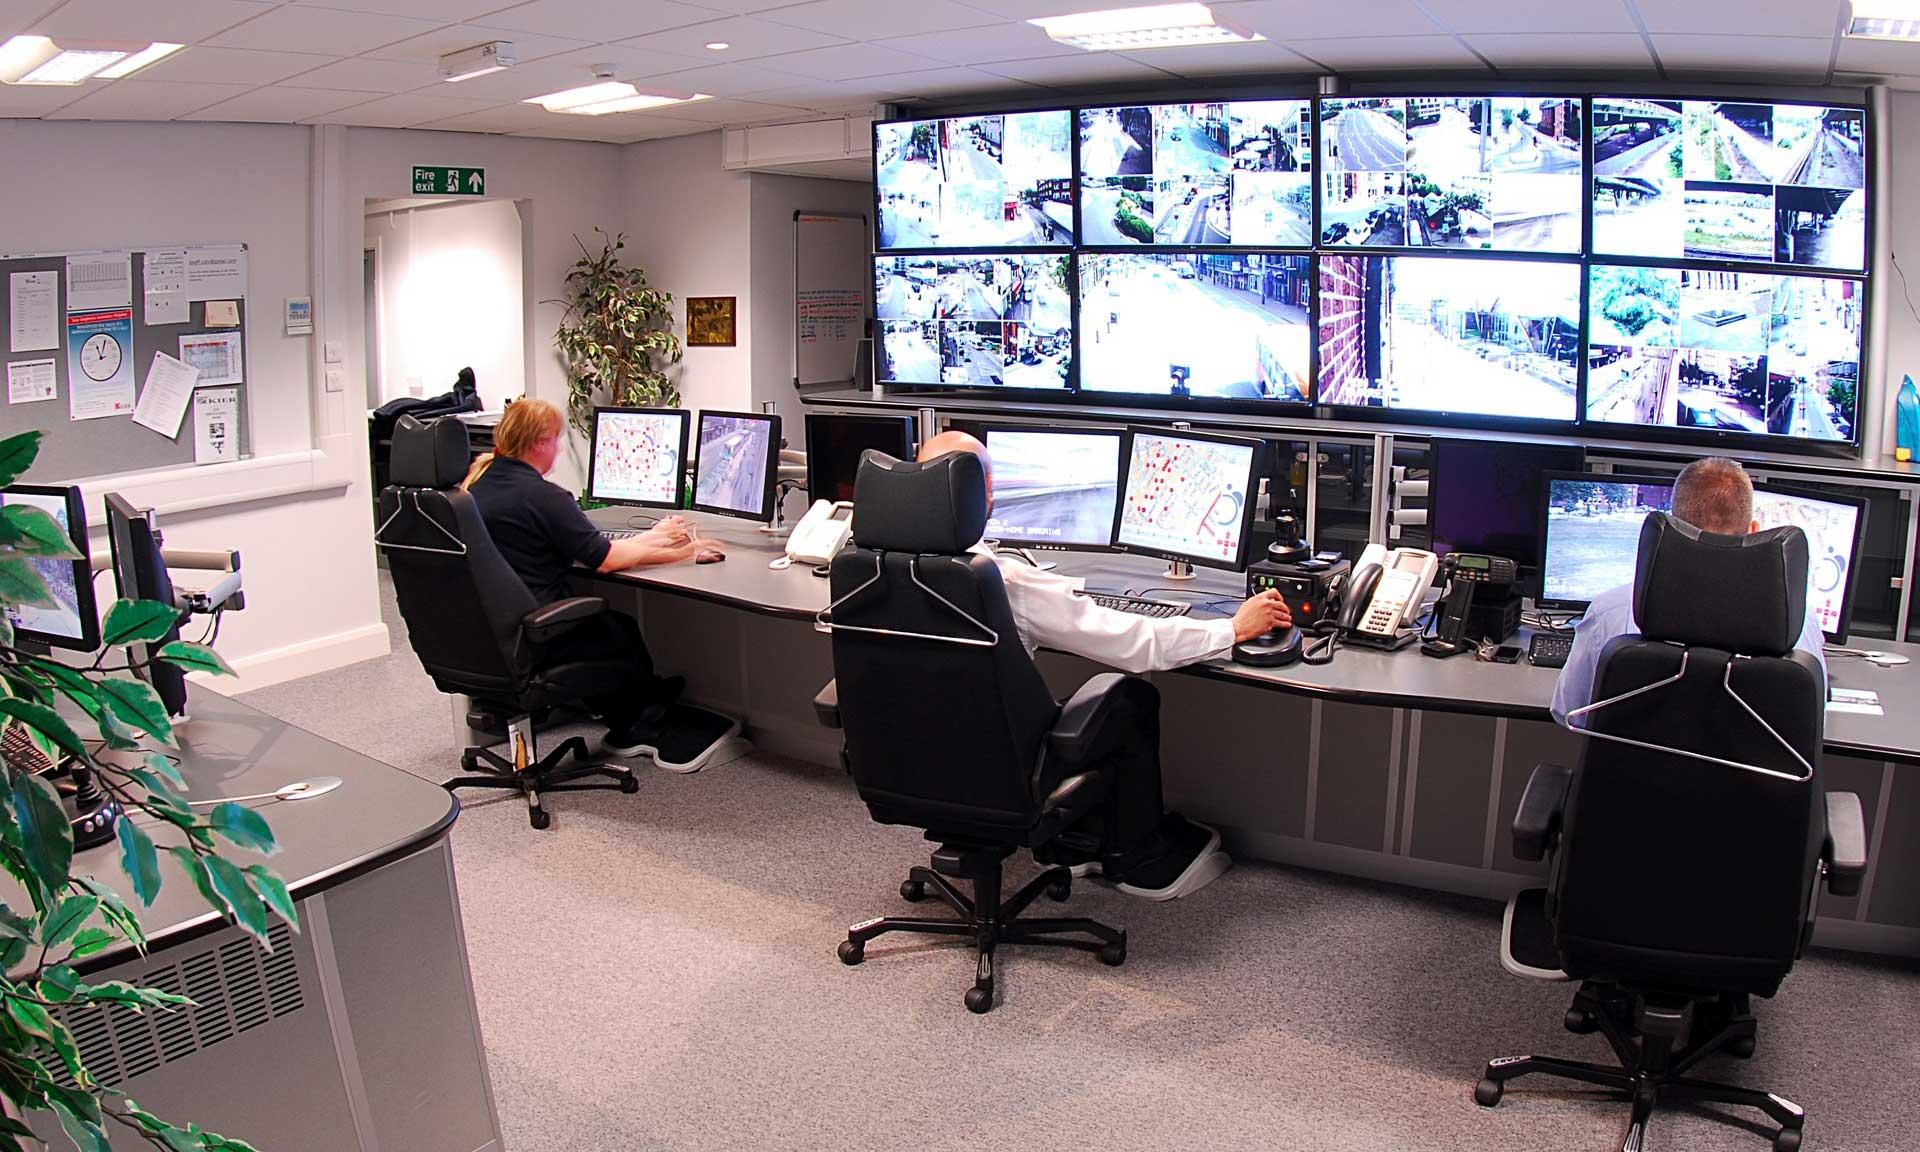 El software de análisis de vídeo de la marca española Tempos Analytics permite la integración con los detectores IP de Optex reduciendo al mínimo las falsas alarmas